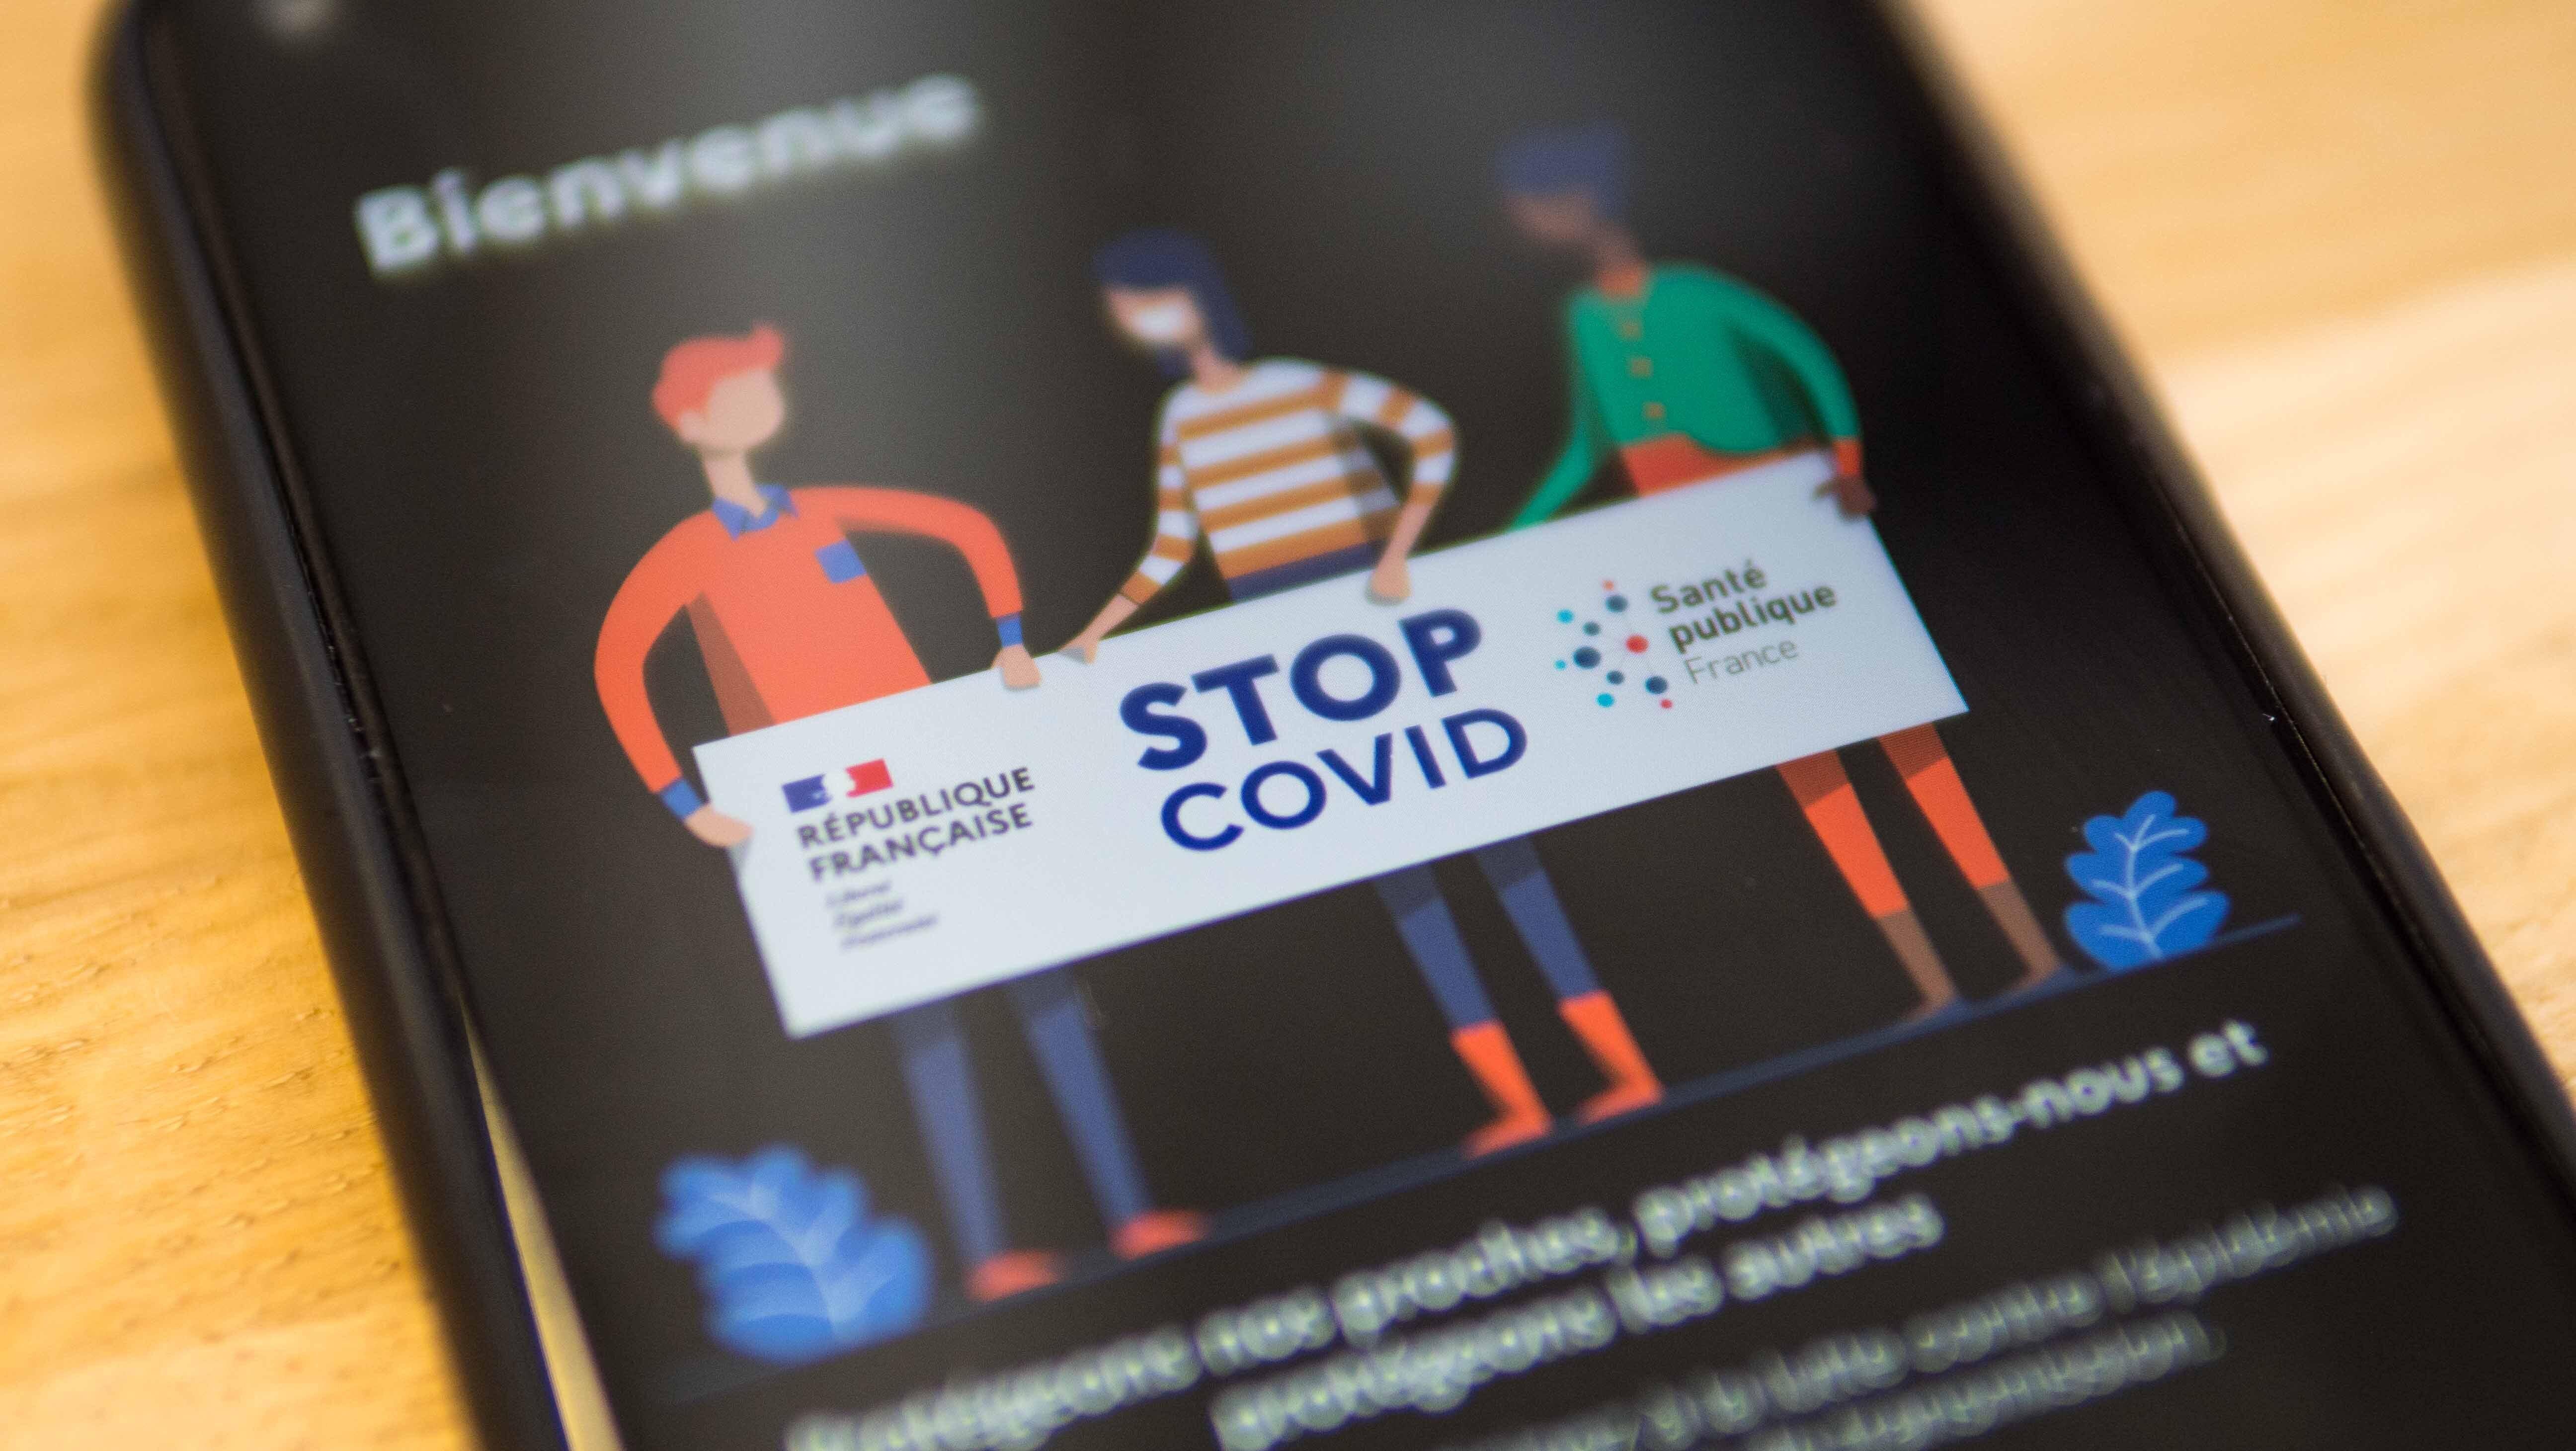 Faut-il s'inquiéter de la sécurité de StopCovid?